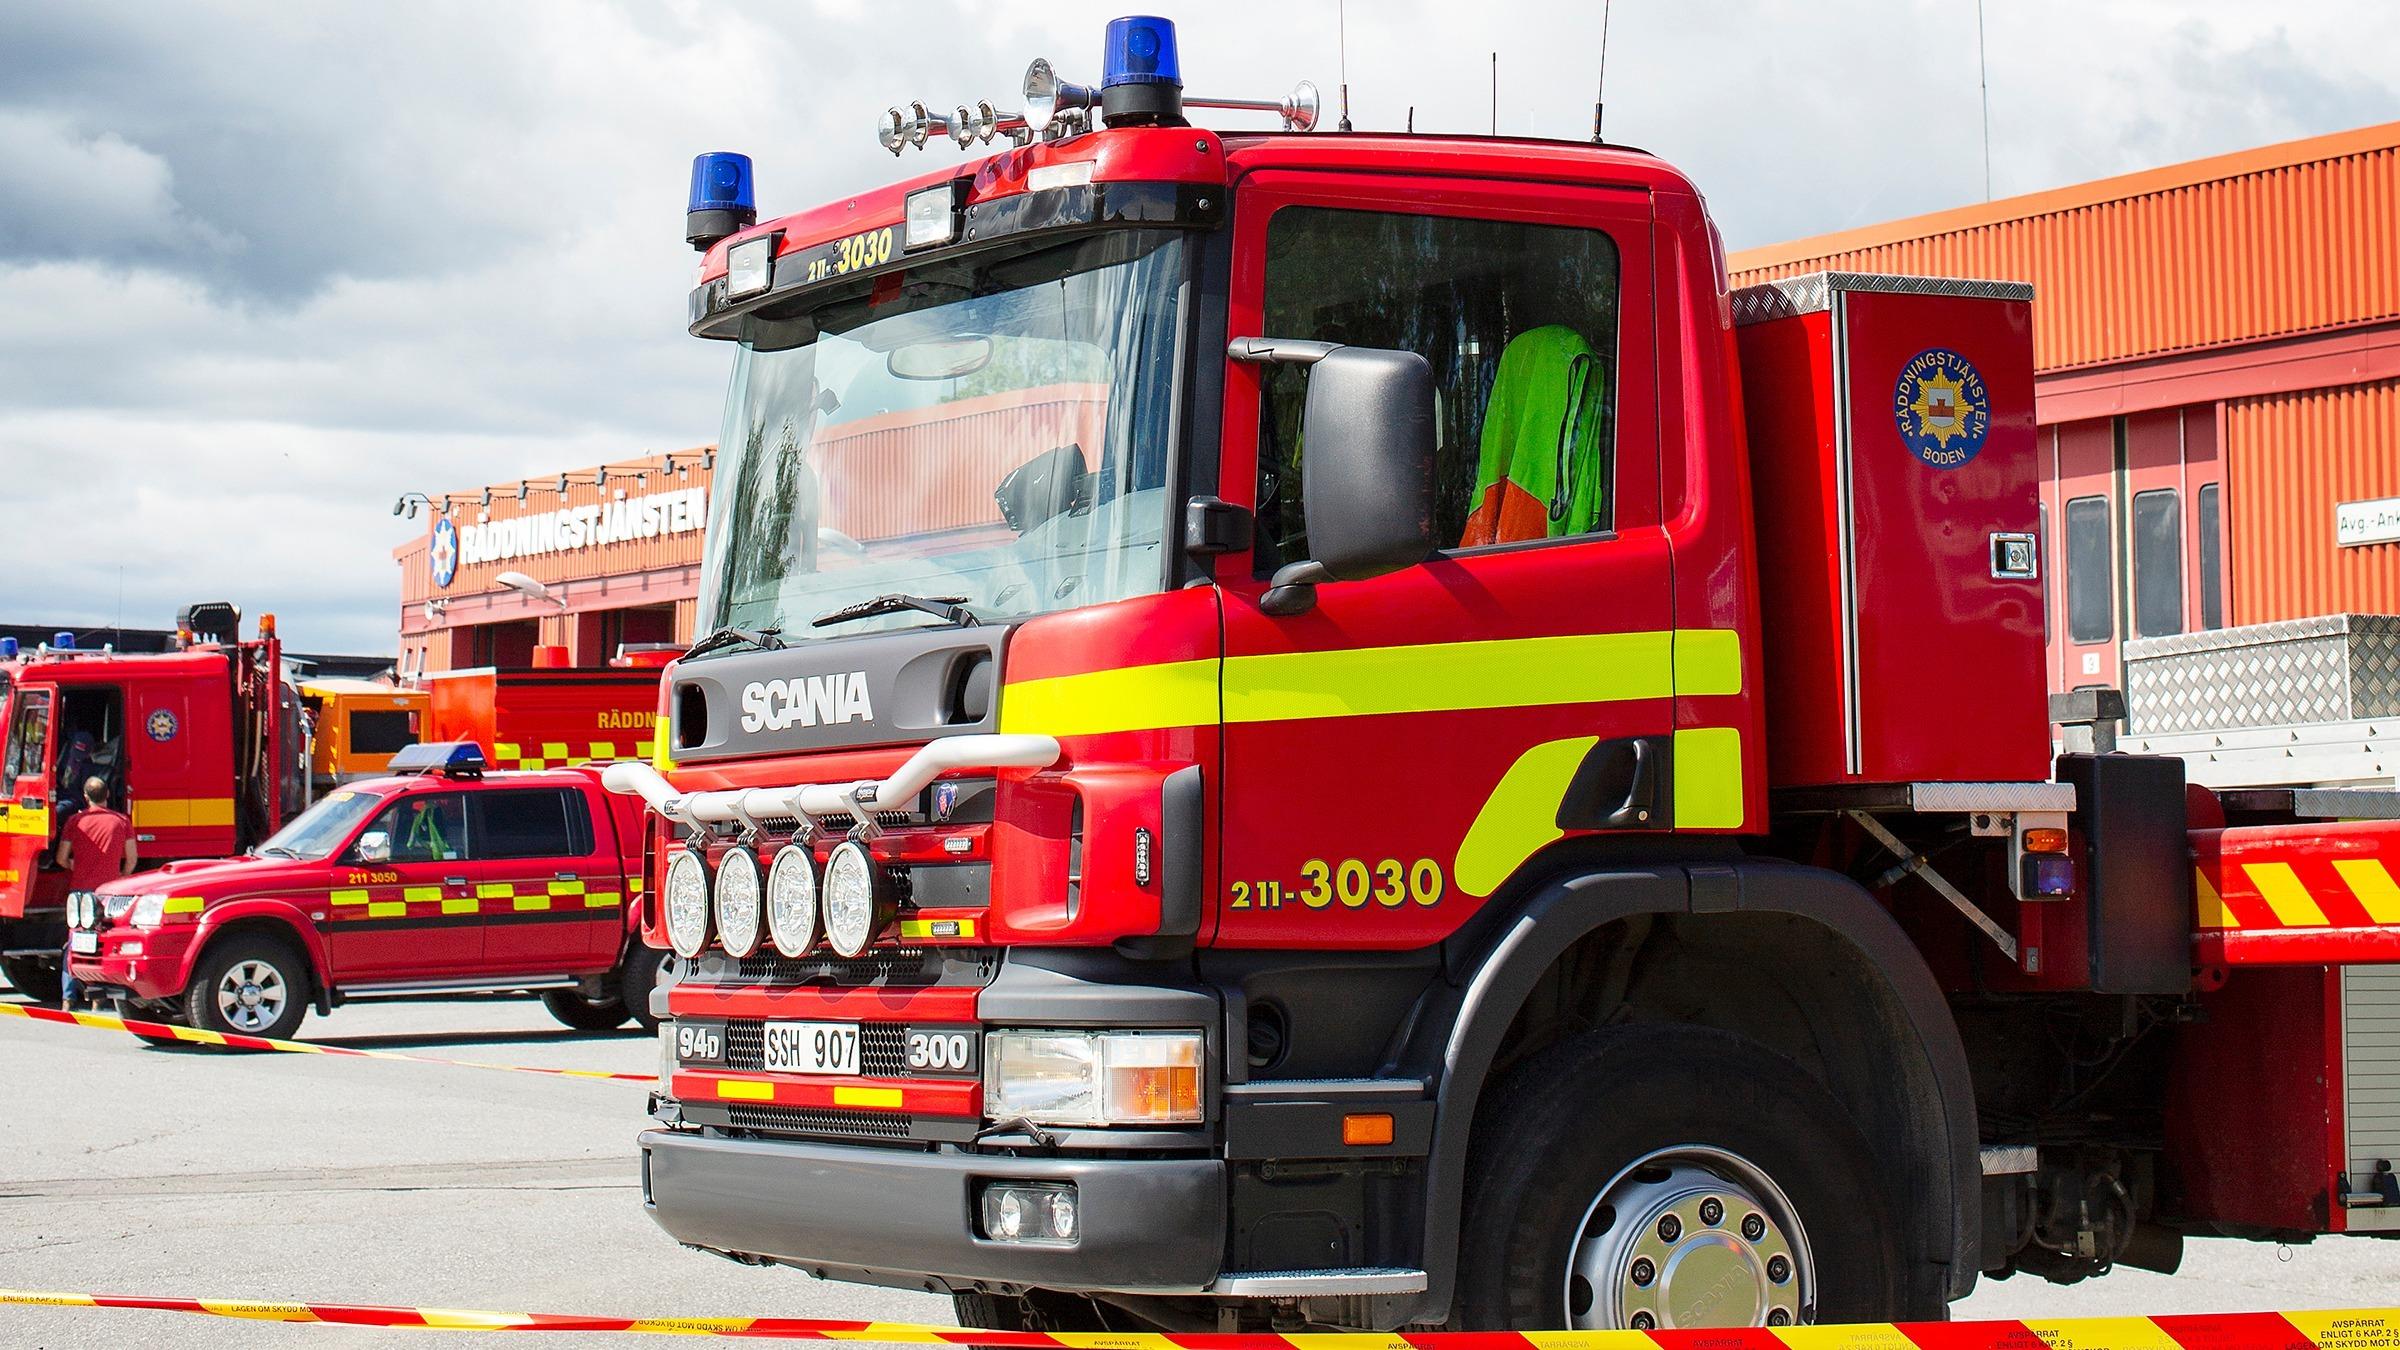 Informationsbesök om brandskydd i kommunens radhus